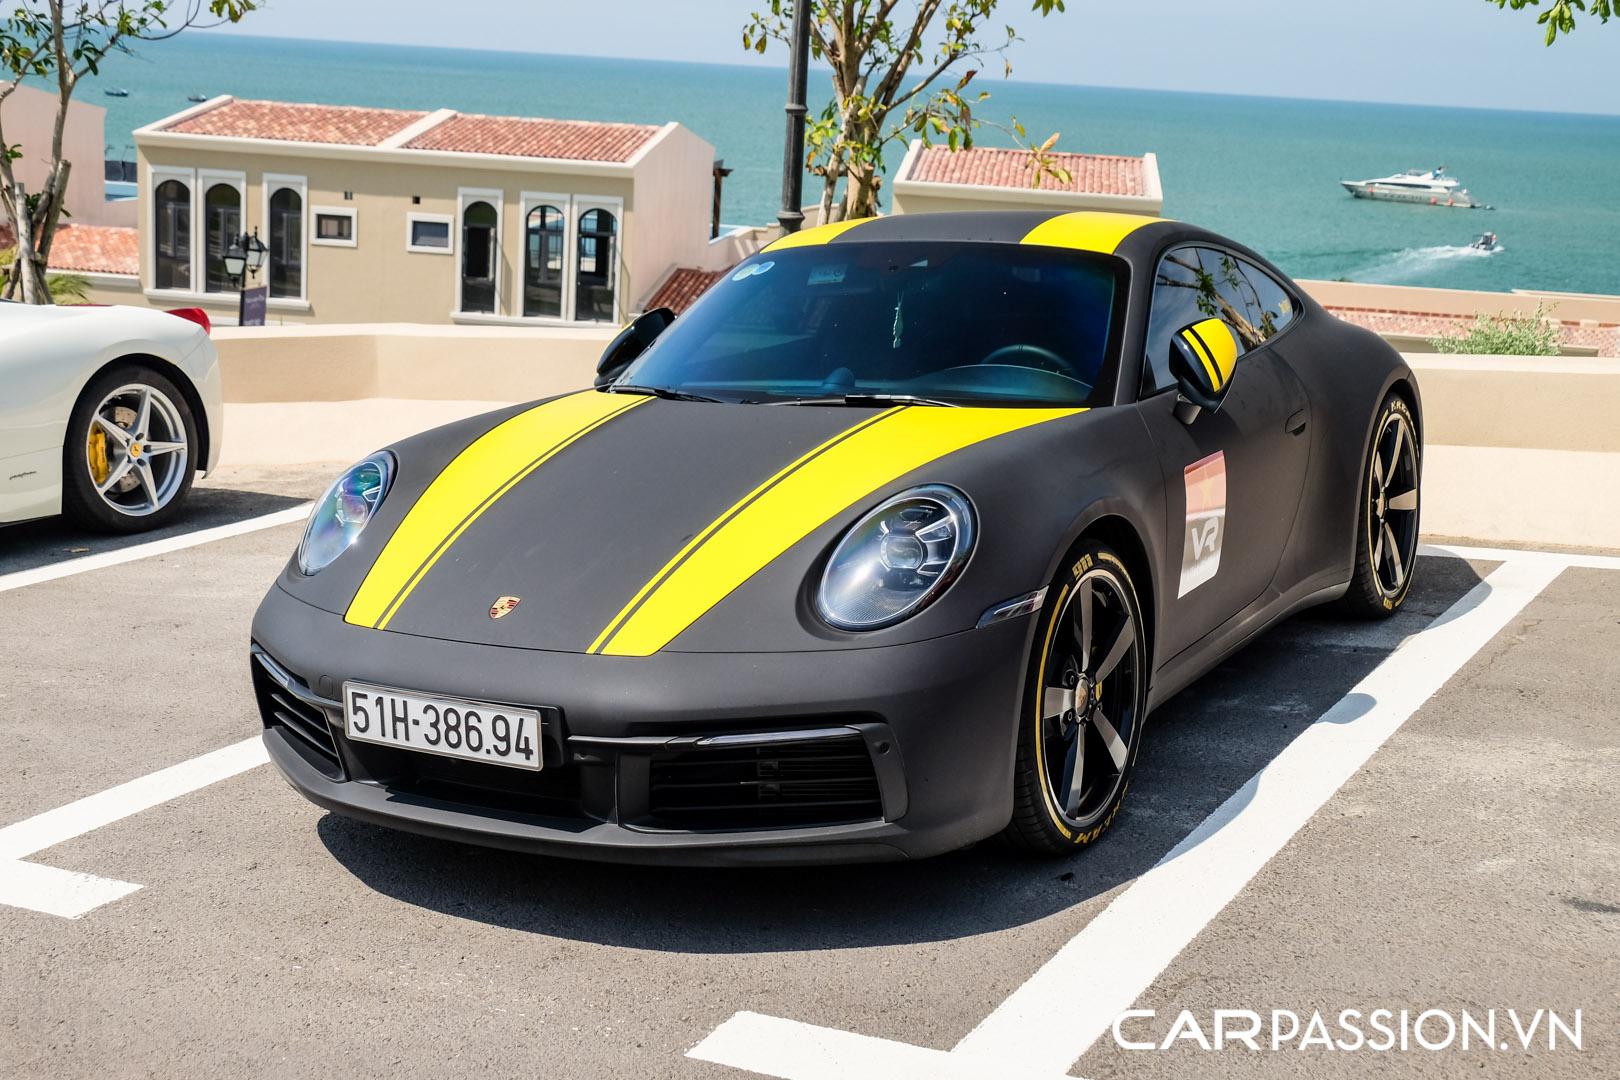 Porsche 911 của vợ chồng YouTuber (5).JPG